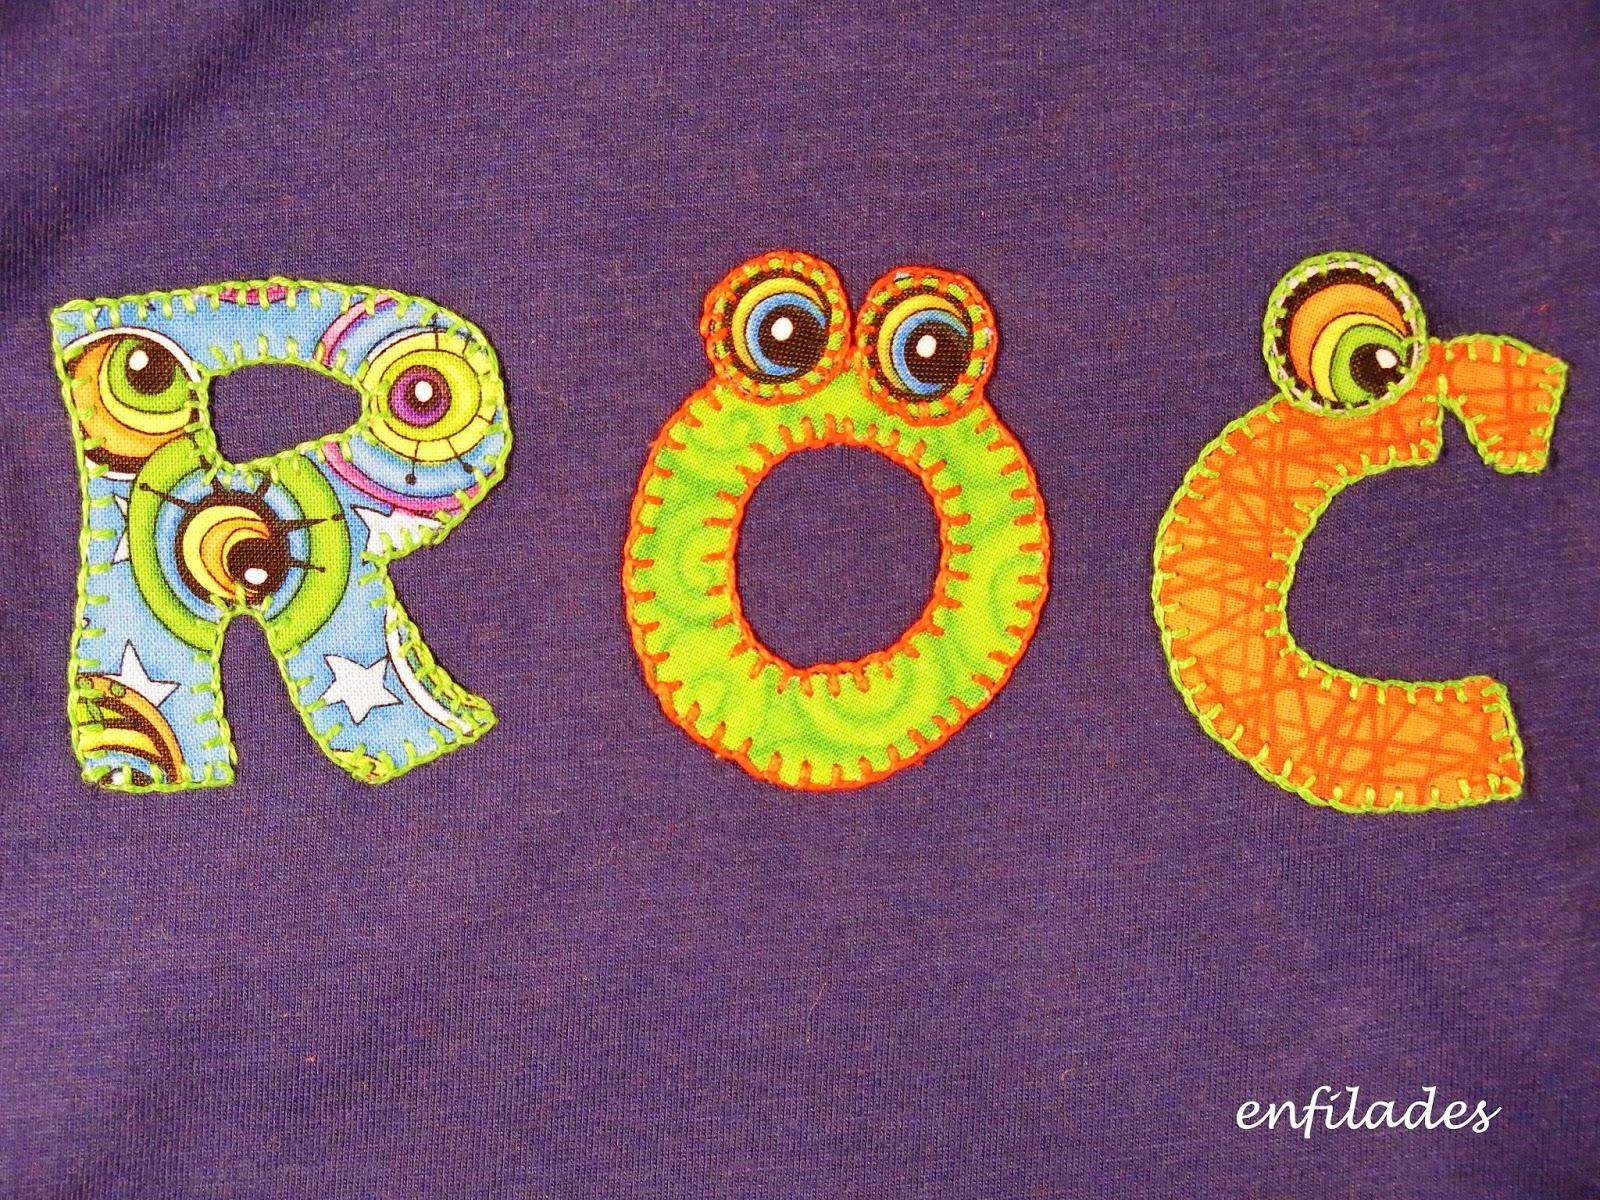 samarreta divertida Roc - web enfilades.cat fet a mà